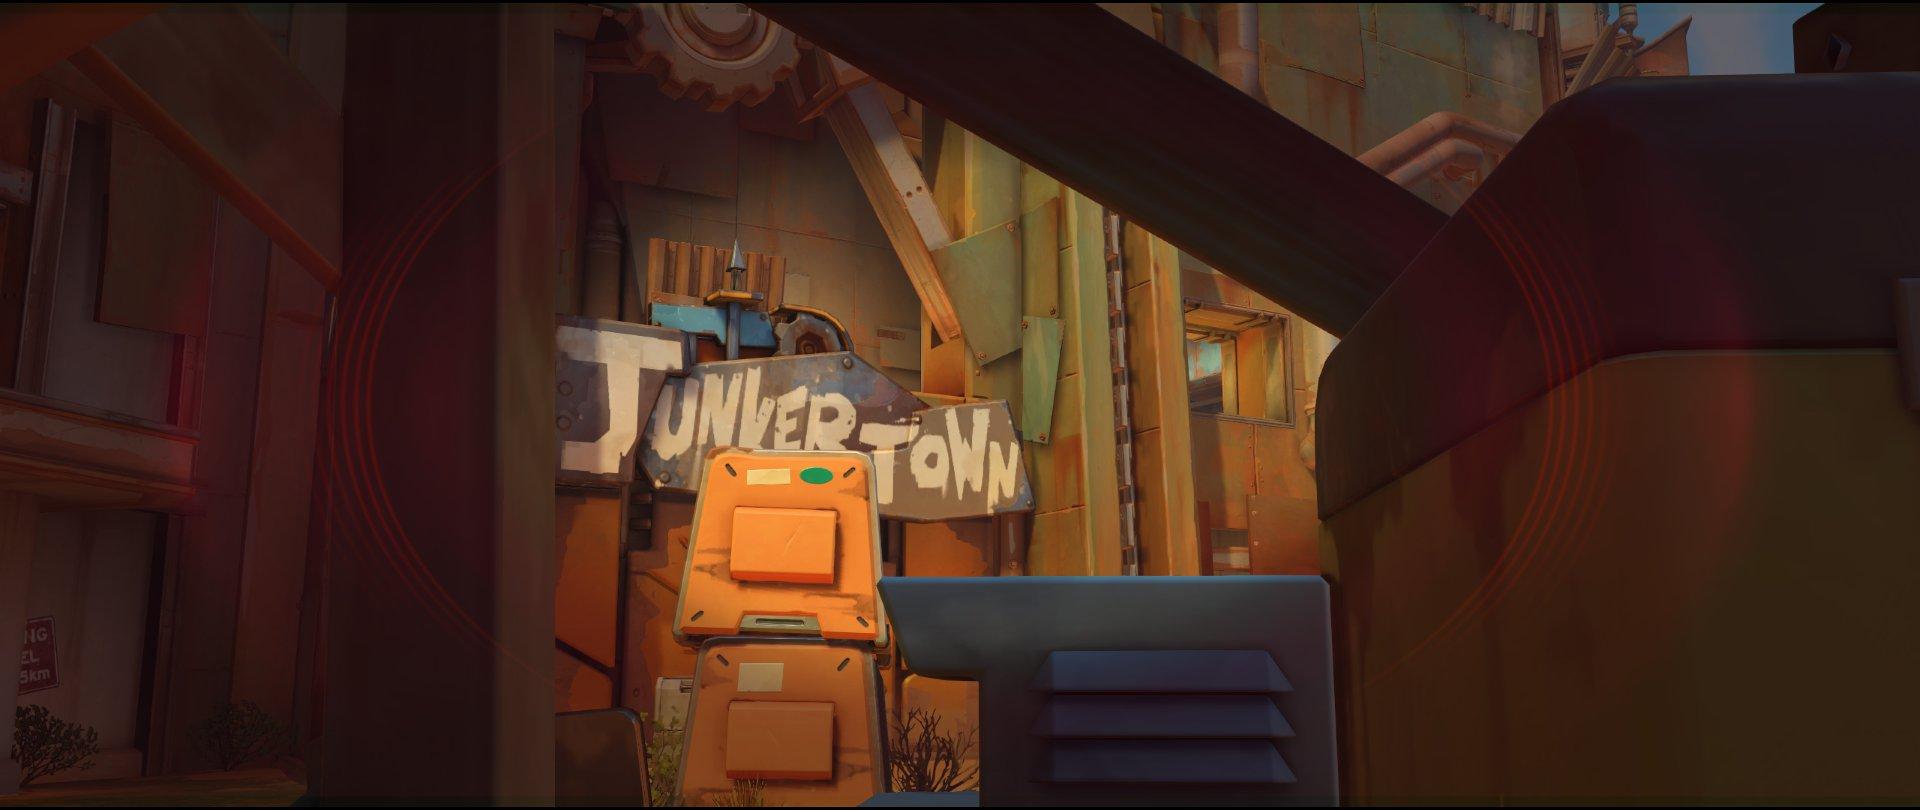 Pillar left attack Widowmaker sniping spot Junkertown.jpg